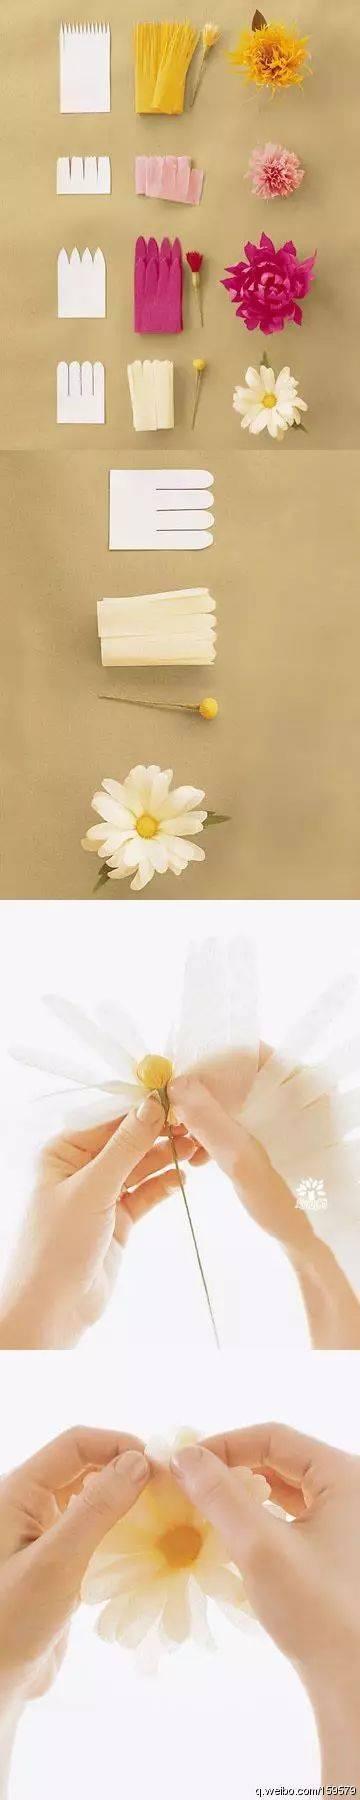 星儿为大家整理了几种皱纹纸花朵手工的做法,一起来看看吧!